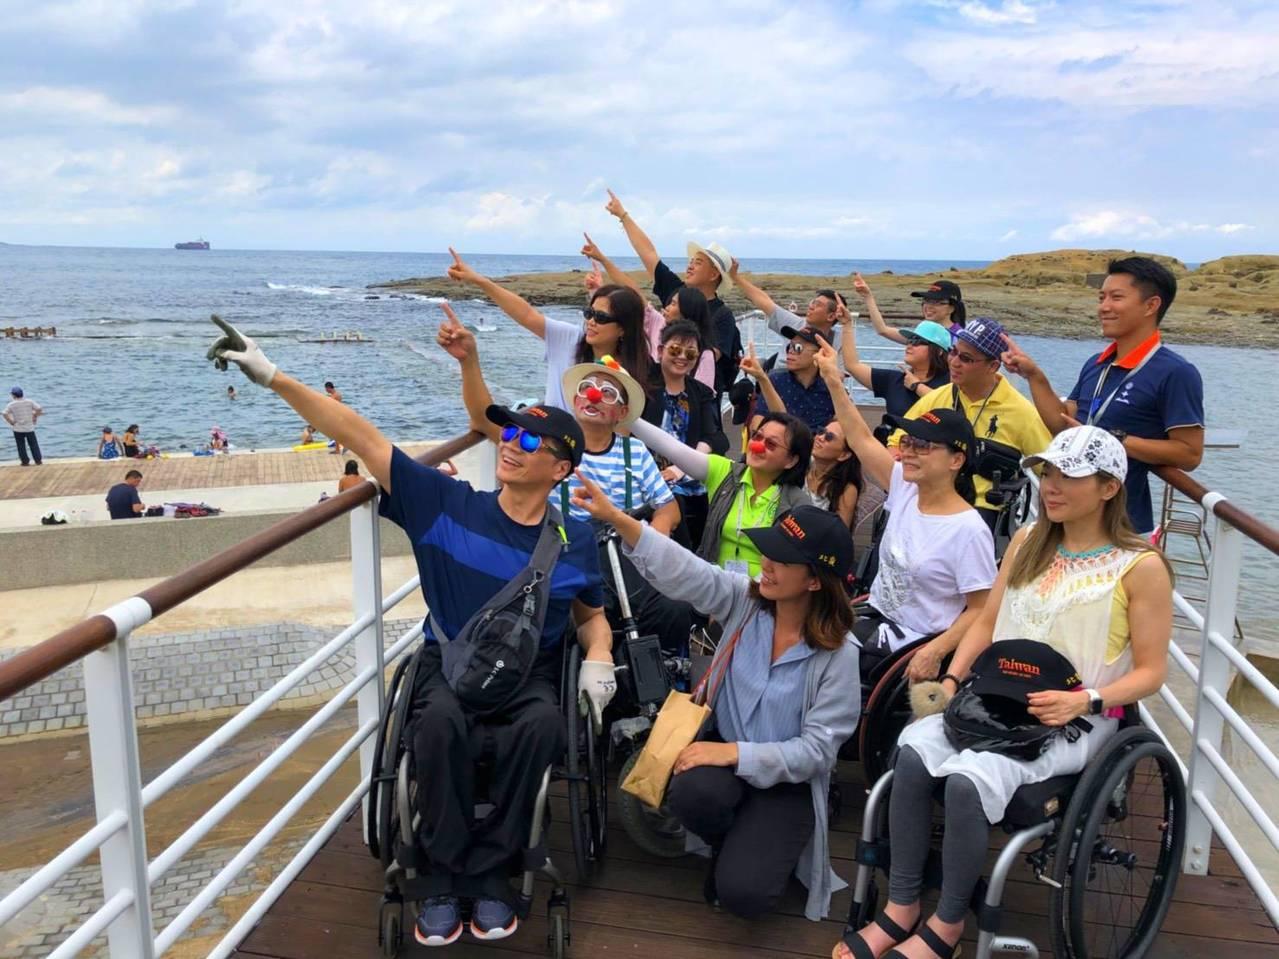 交通部觀光局、基隆市府邀請香港脊髓損傷朋友及家屬參加北海岸一日小旅行。圖/交通部...